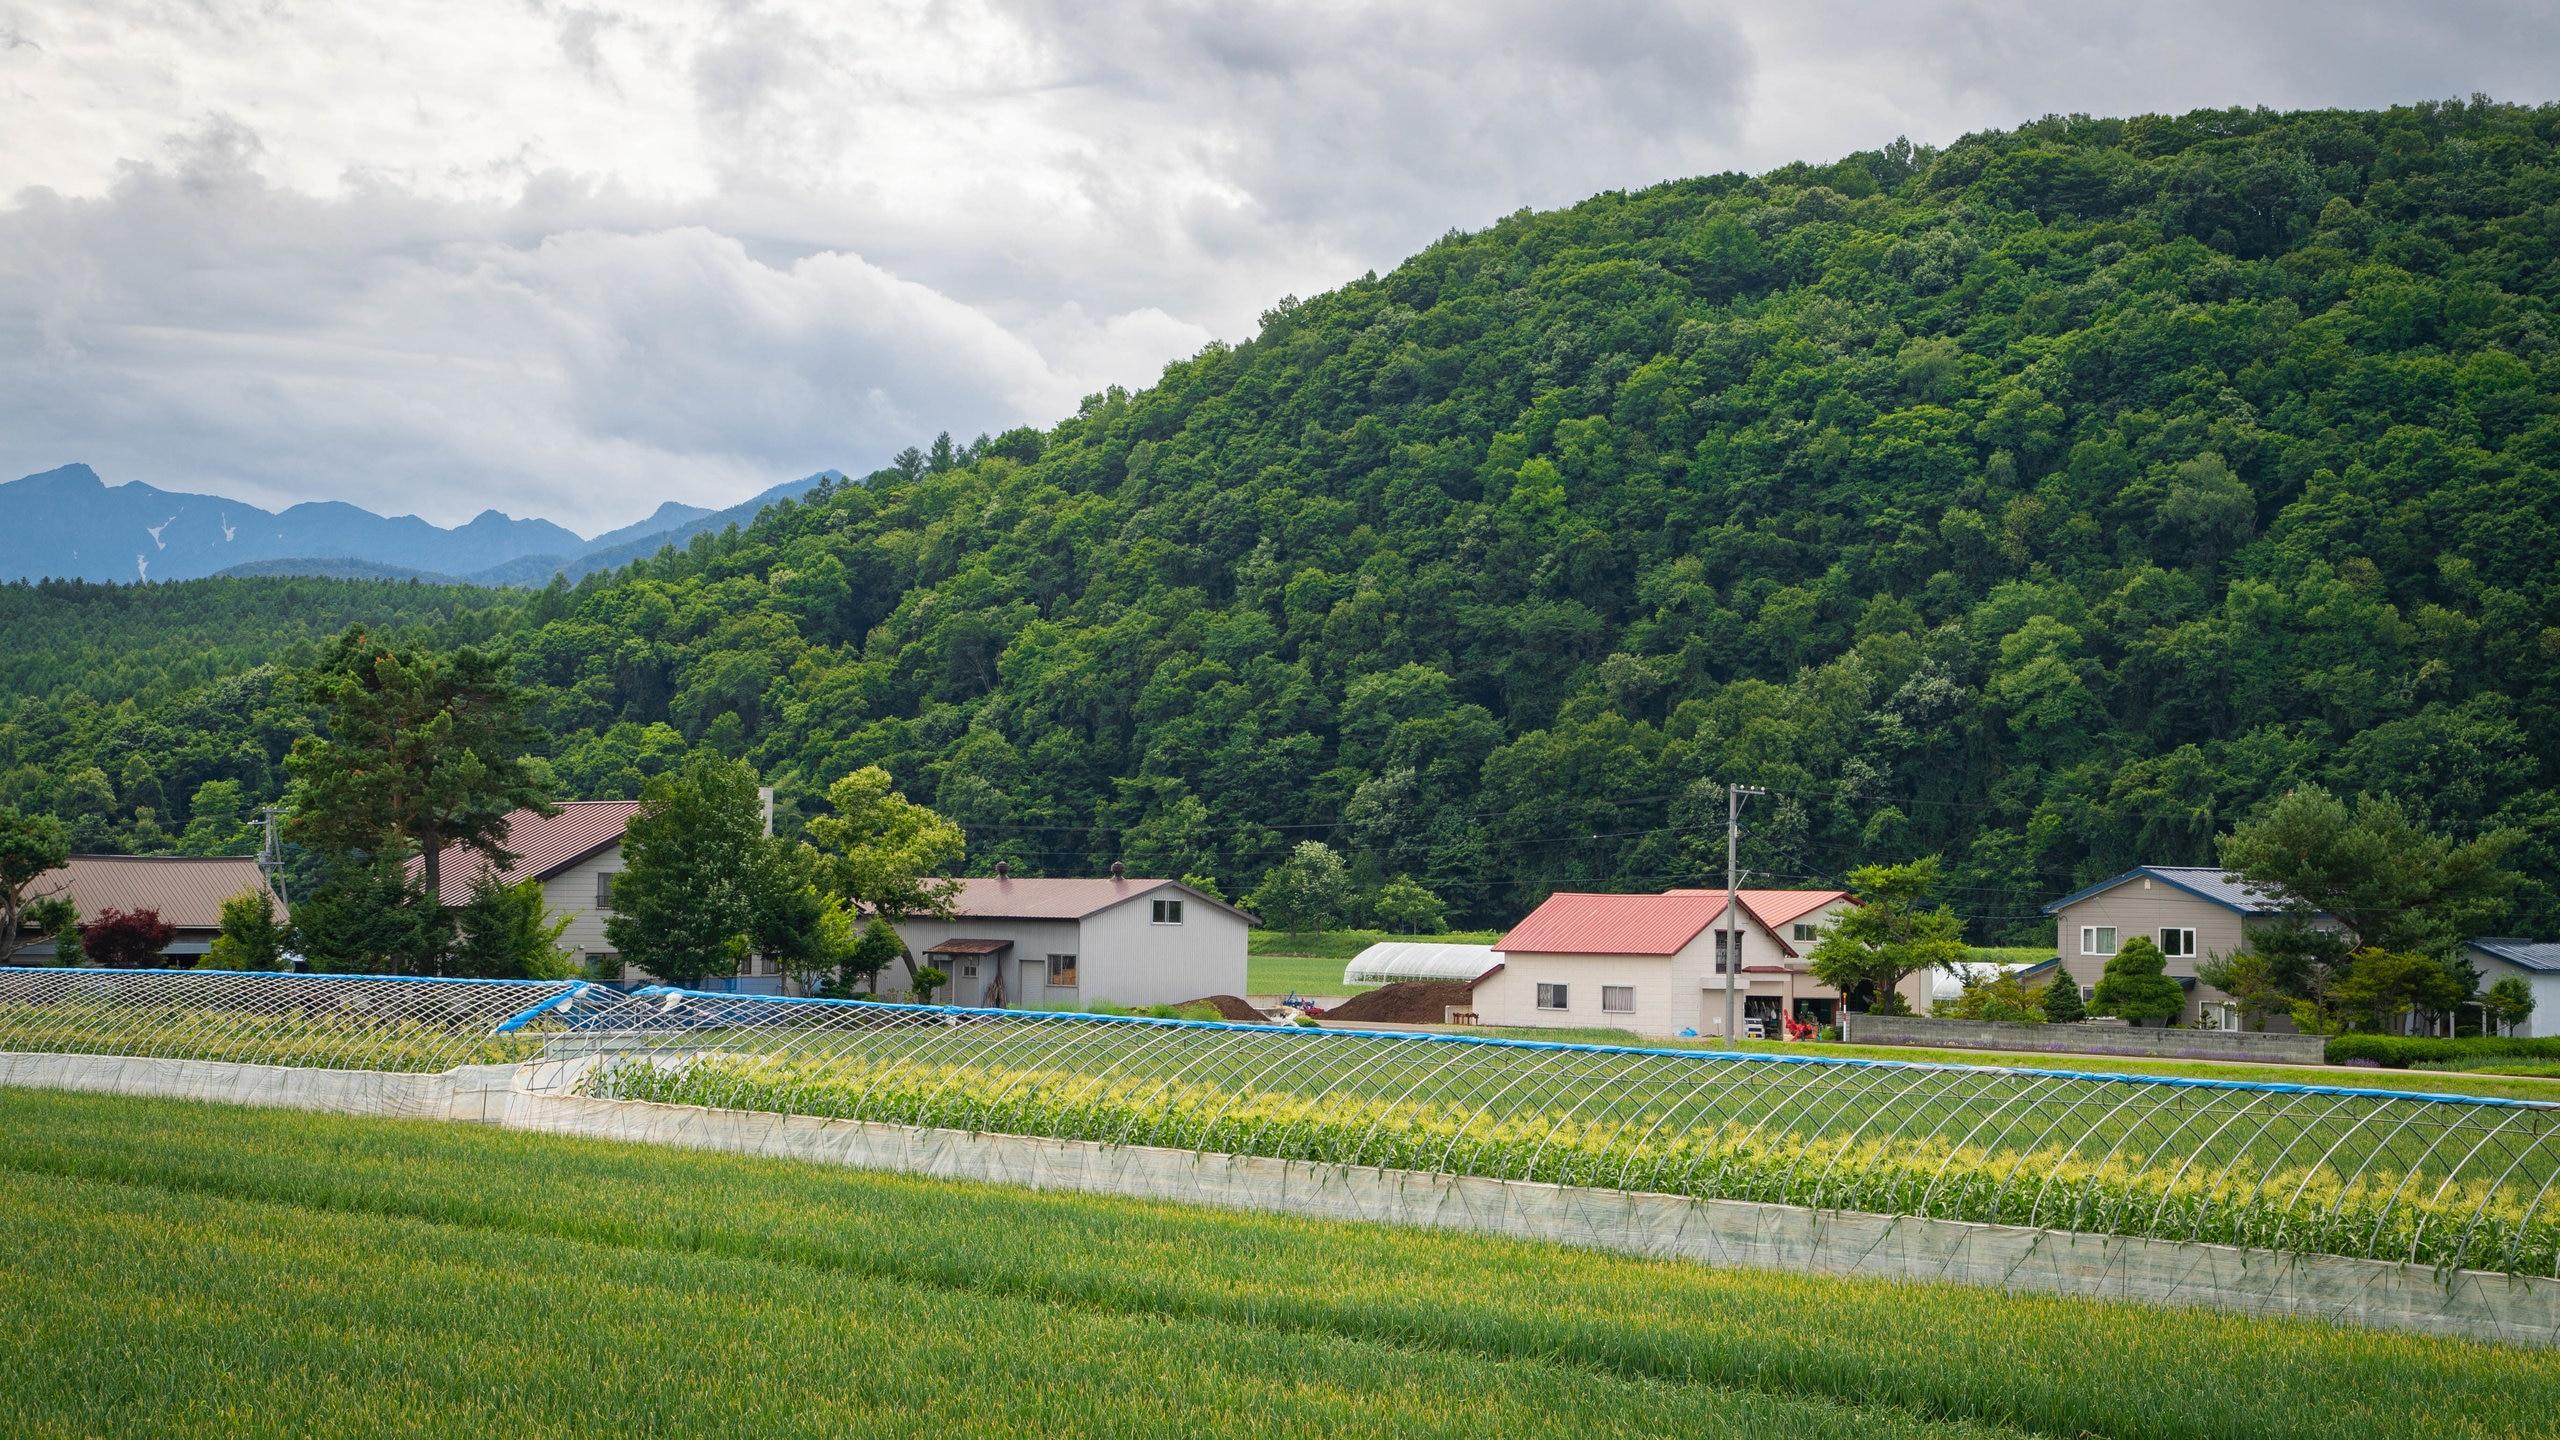 Furano, Hokkaido, Japan